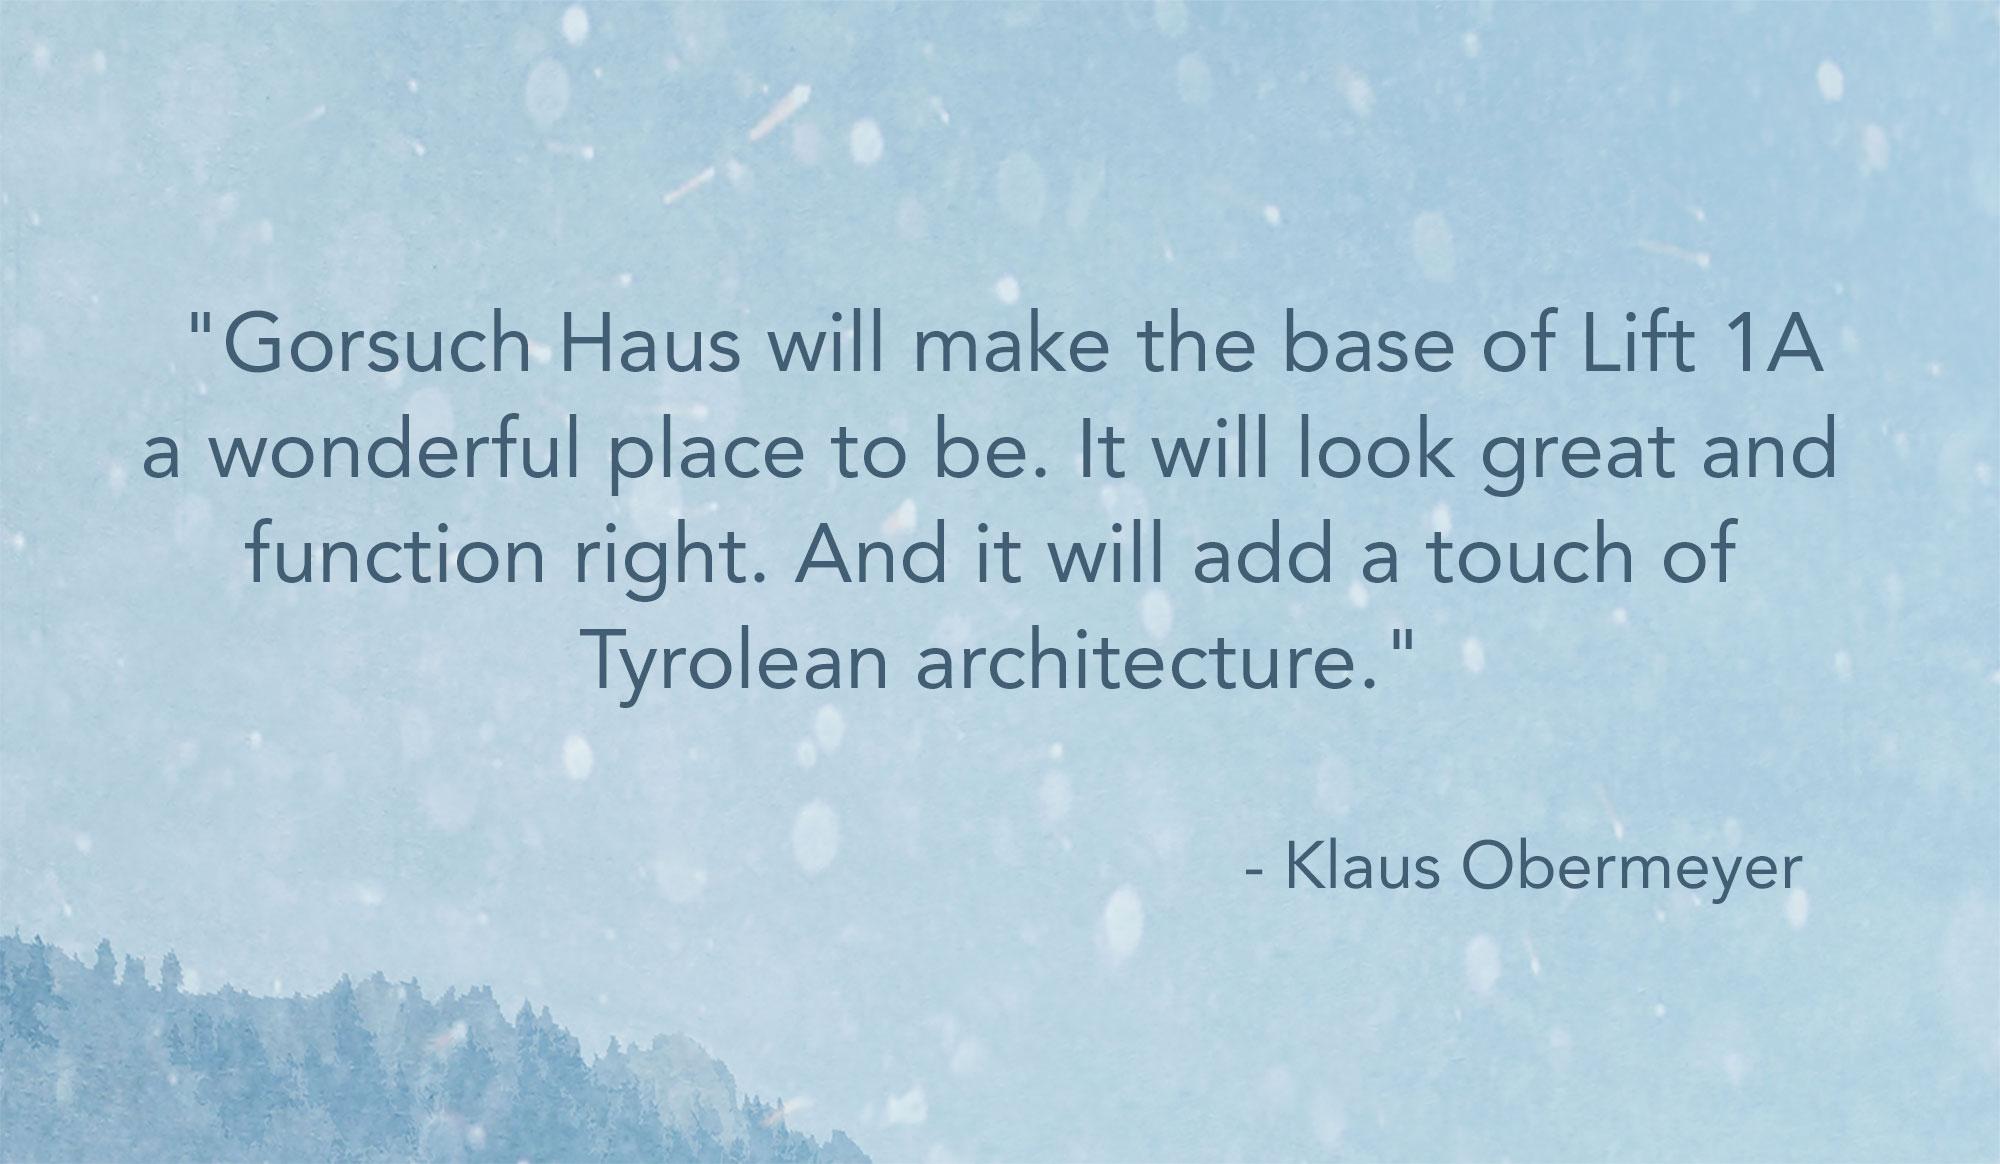 Gorsuch-Haus-Klaus.jpg